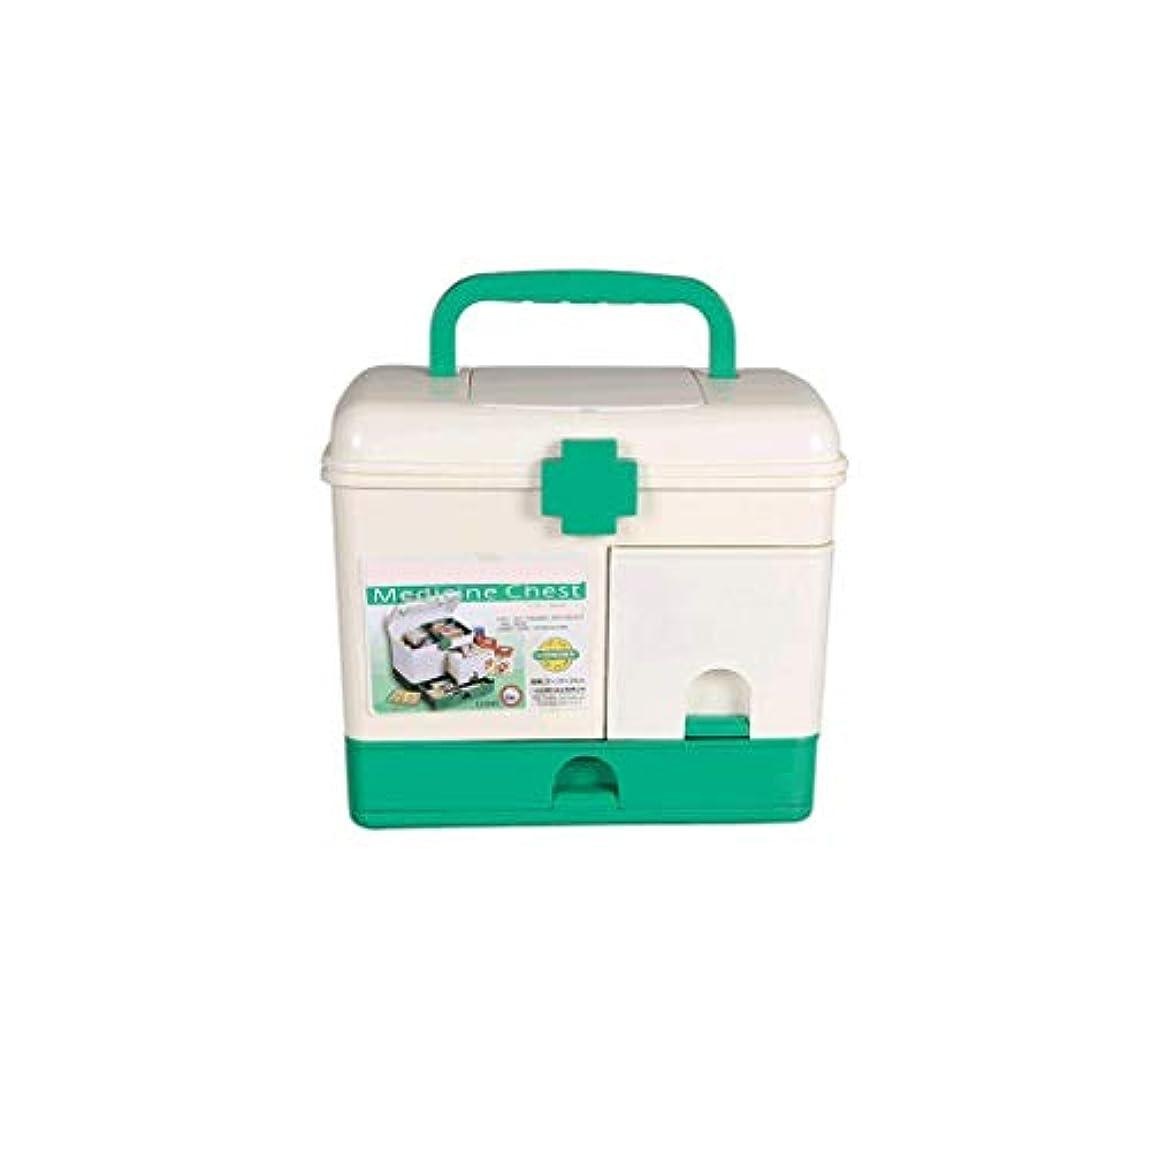 聞きますメロディー靴下家庭用薬箱プラスチック大型応急処置箱多層医療箱携帯用薬収納ボックス CQQO (Color : White)